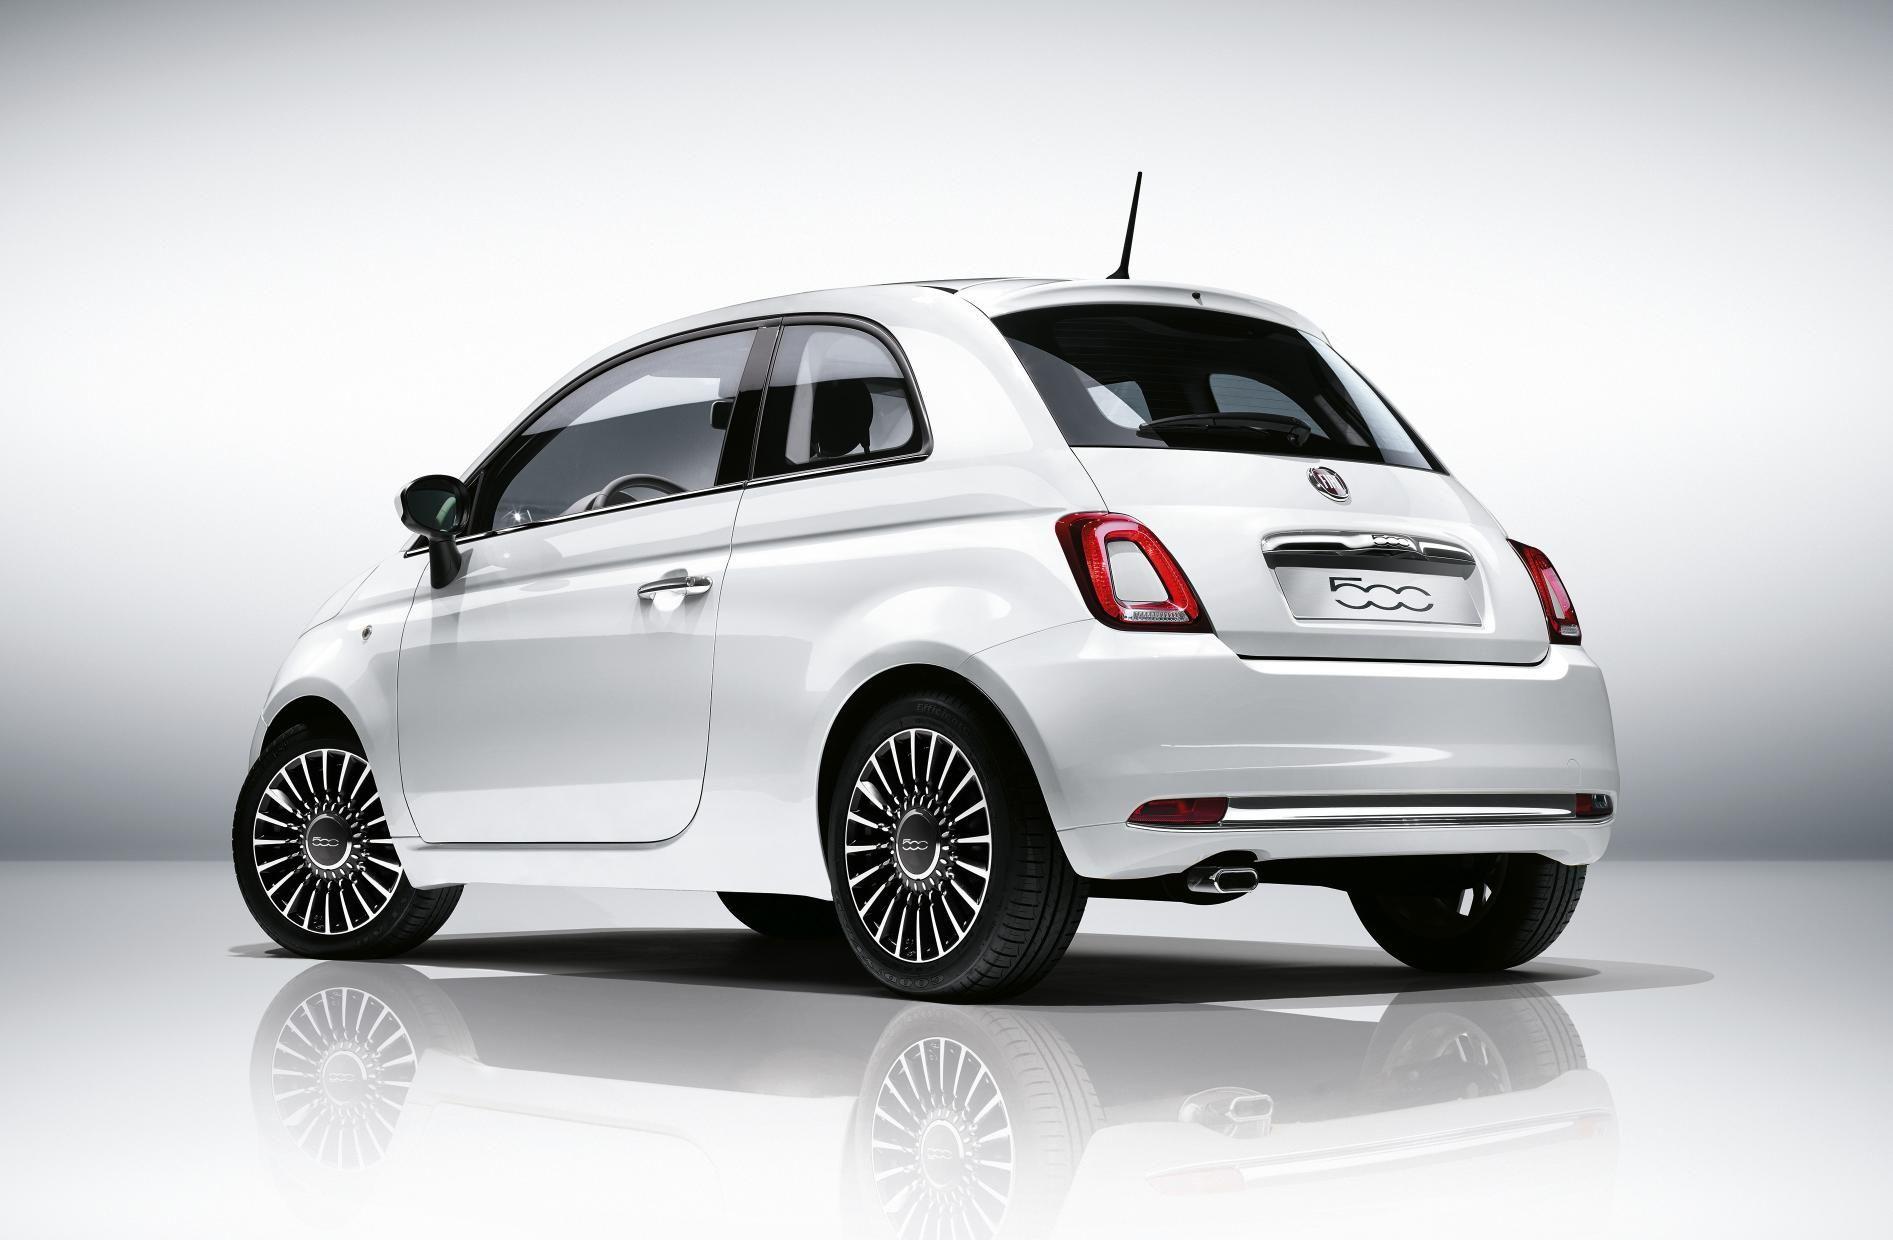 Fiat 500 Rear View Novo Fiat Super Carros